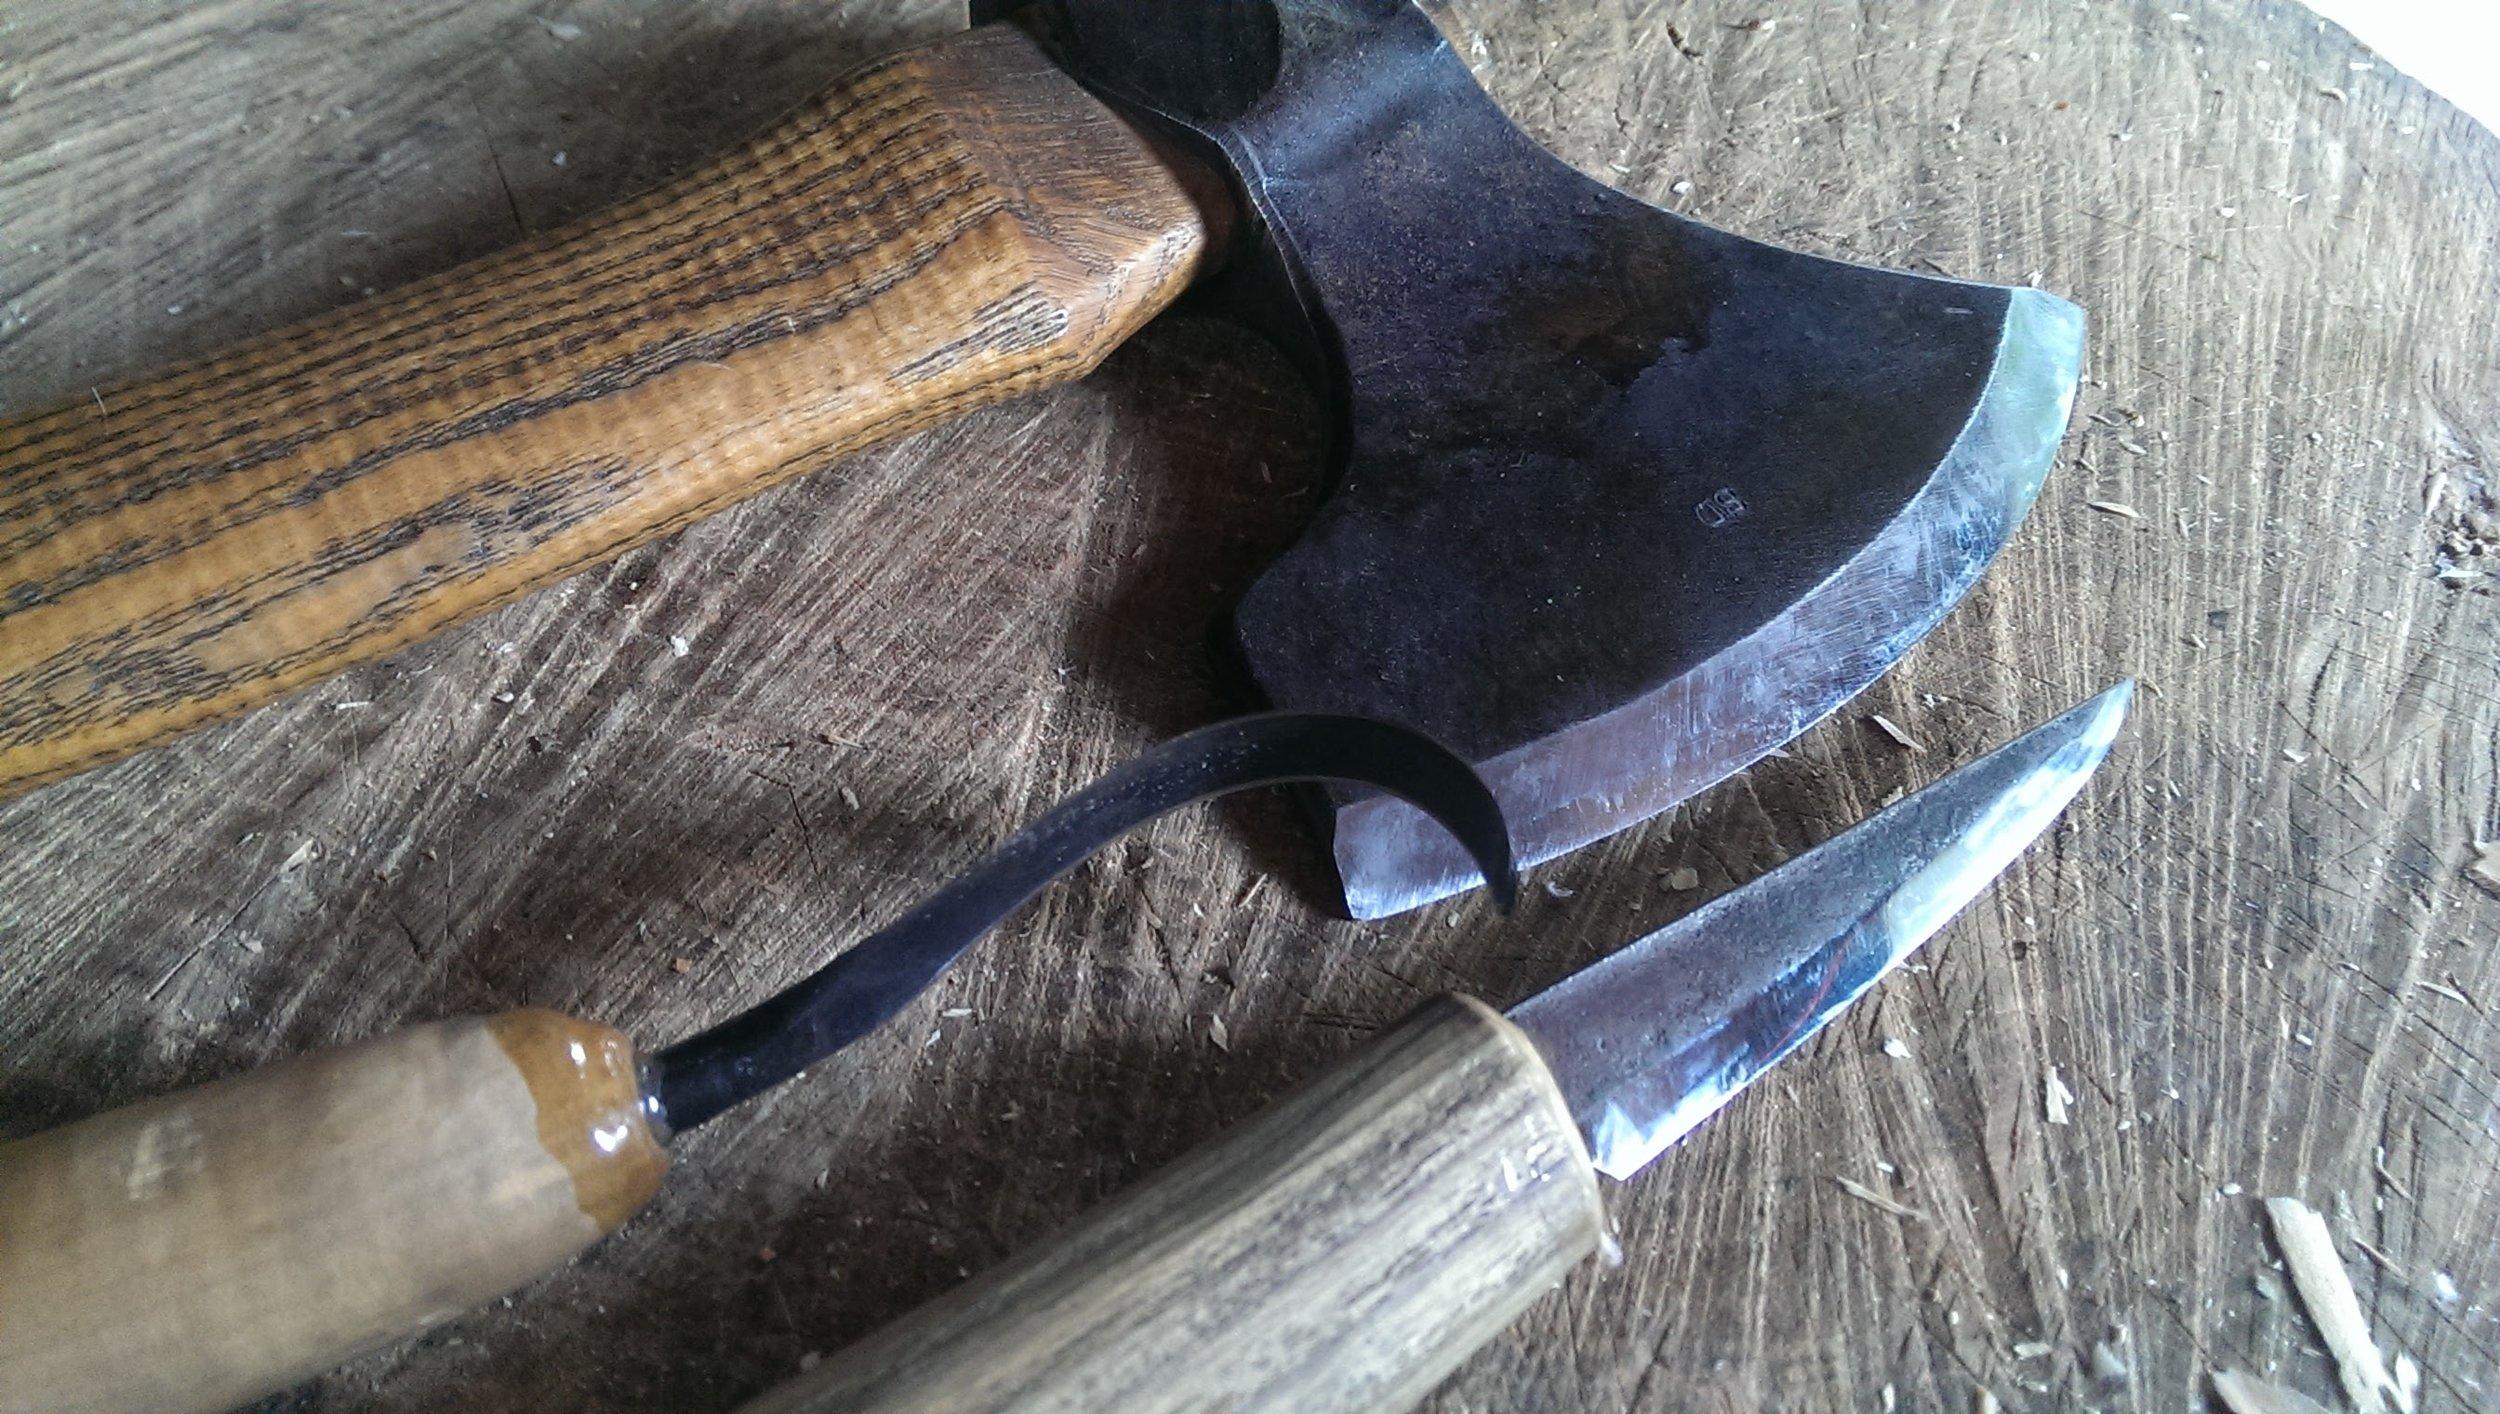 Svante Djarv Little Viking Axe, Nic Westermann Fawcett knife and Slojd carving knife